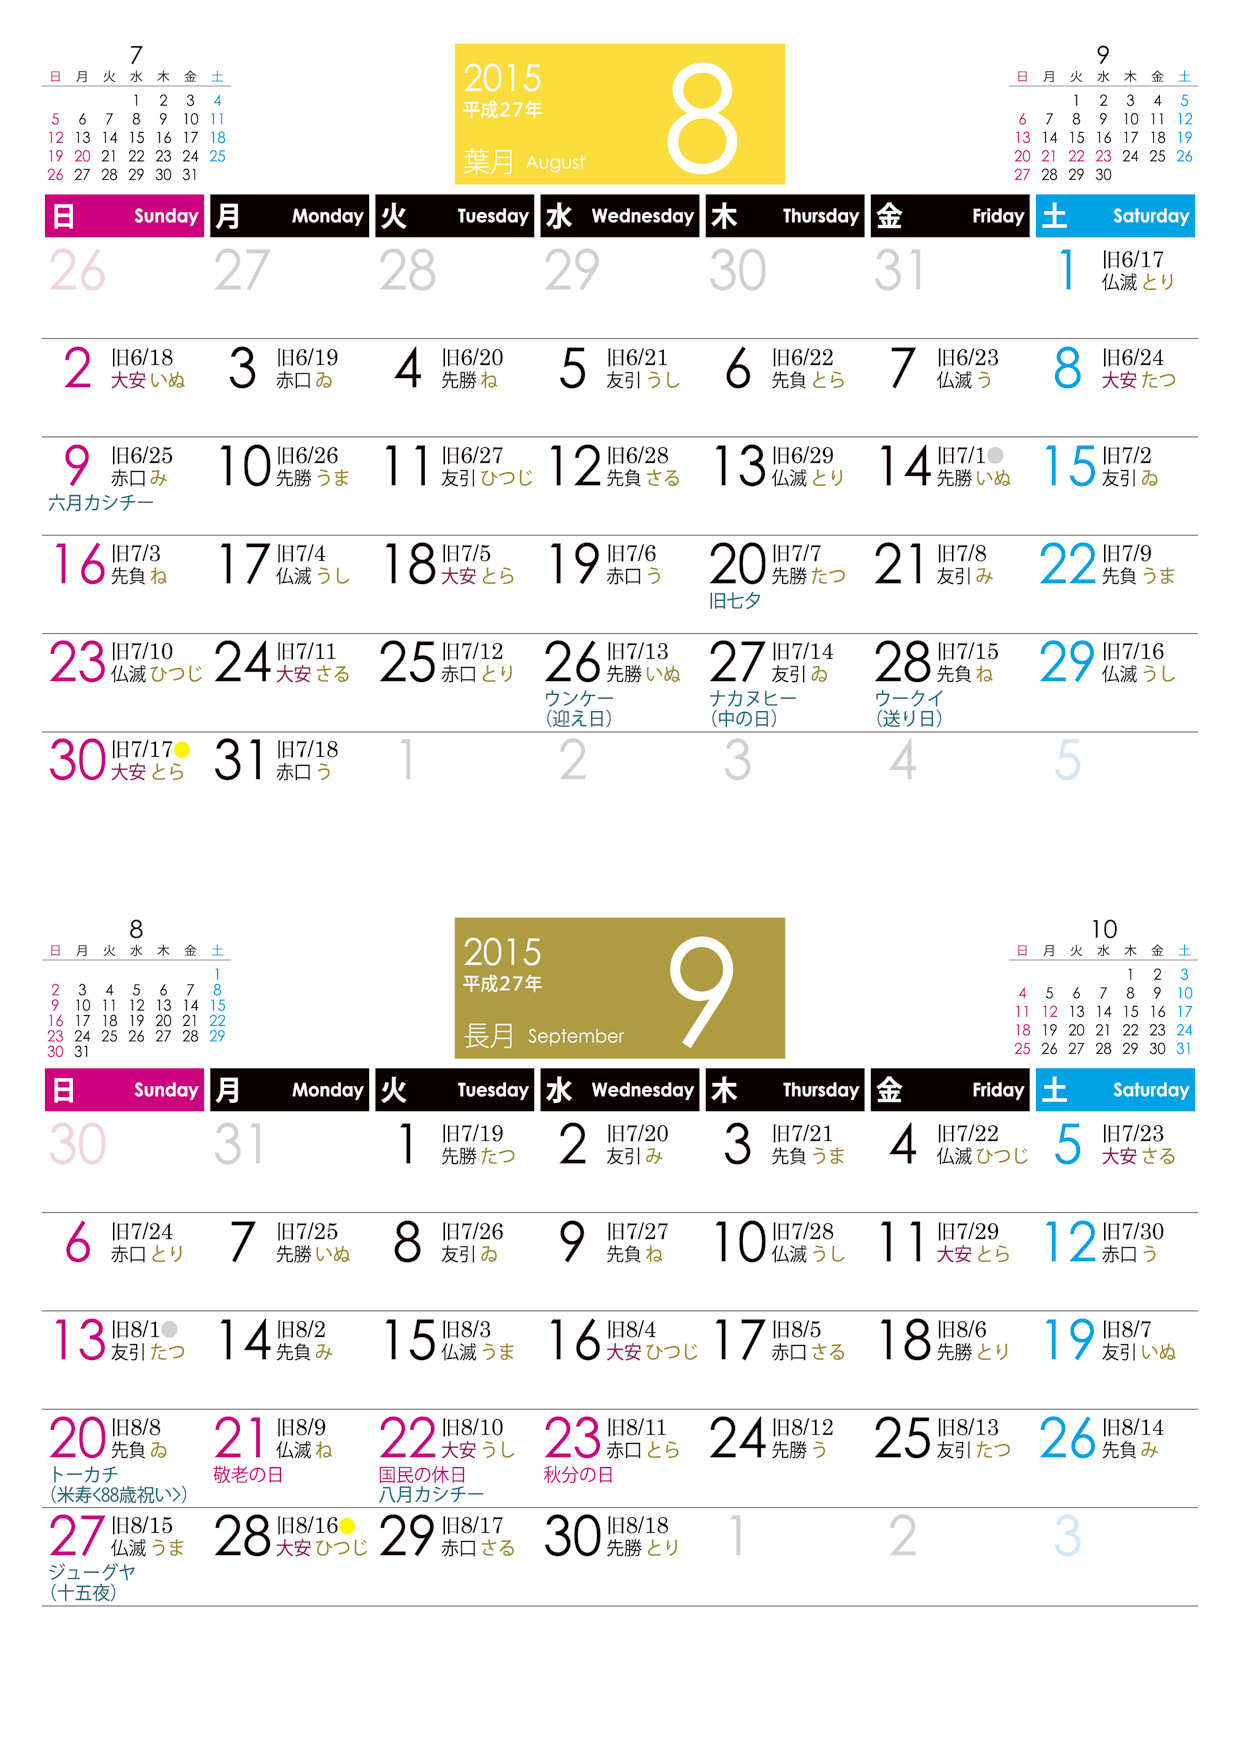 カレンダー カレンダー 2014 10月 印刷 : 沖縄総合情報サイト・沖縄観光 ...